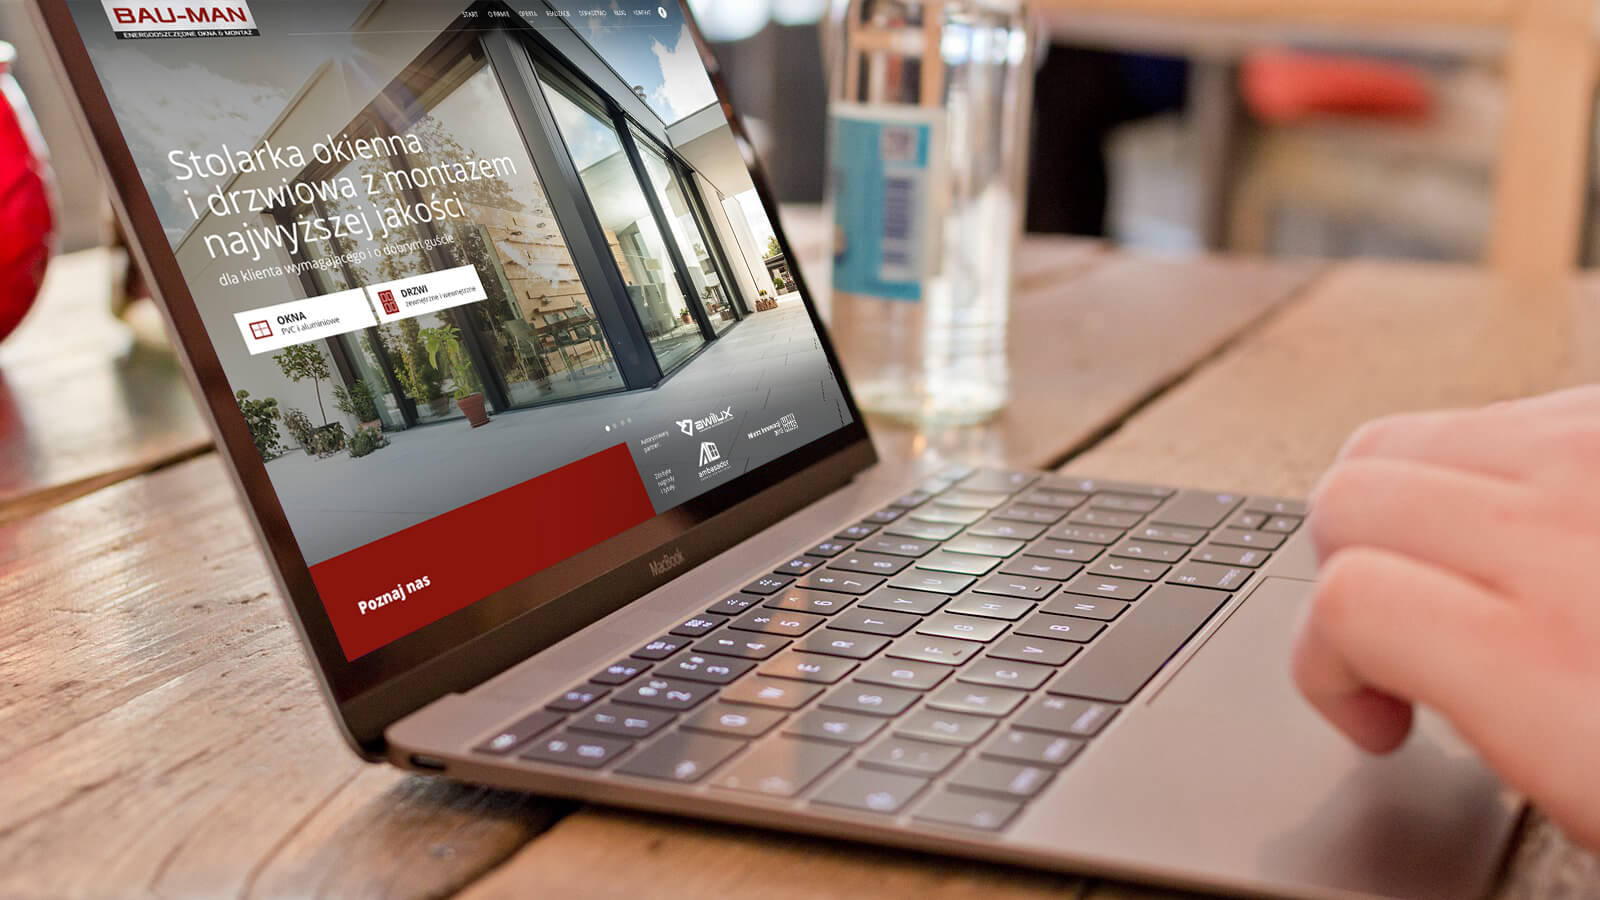 BAU-MAN - nowa strona internetowa: montaż okien, drzwi, rolet- Wrocław, Dolnośląskie